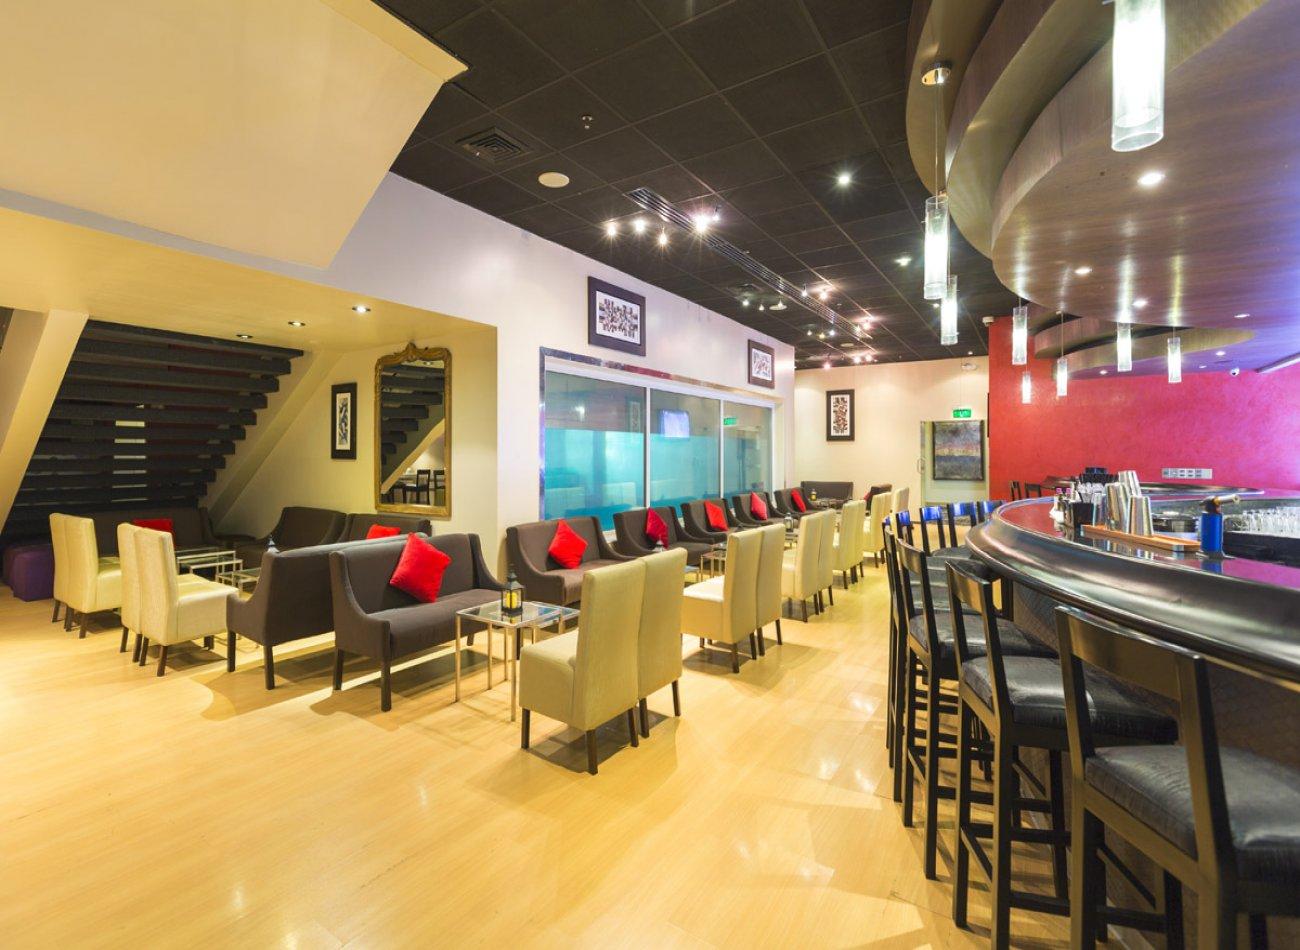 OCEANUS LOUNGE - DELFINES HOTEL Restaurante - Reserva en restaurantes de Comida BAR - TAPAS Y PIQUEOS - SAN ISIDRO - MESA 24/7 | LIMA - Perú